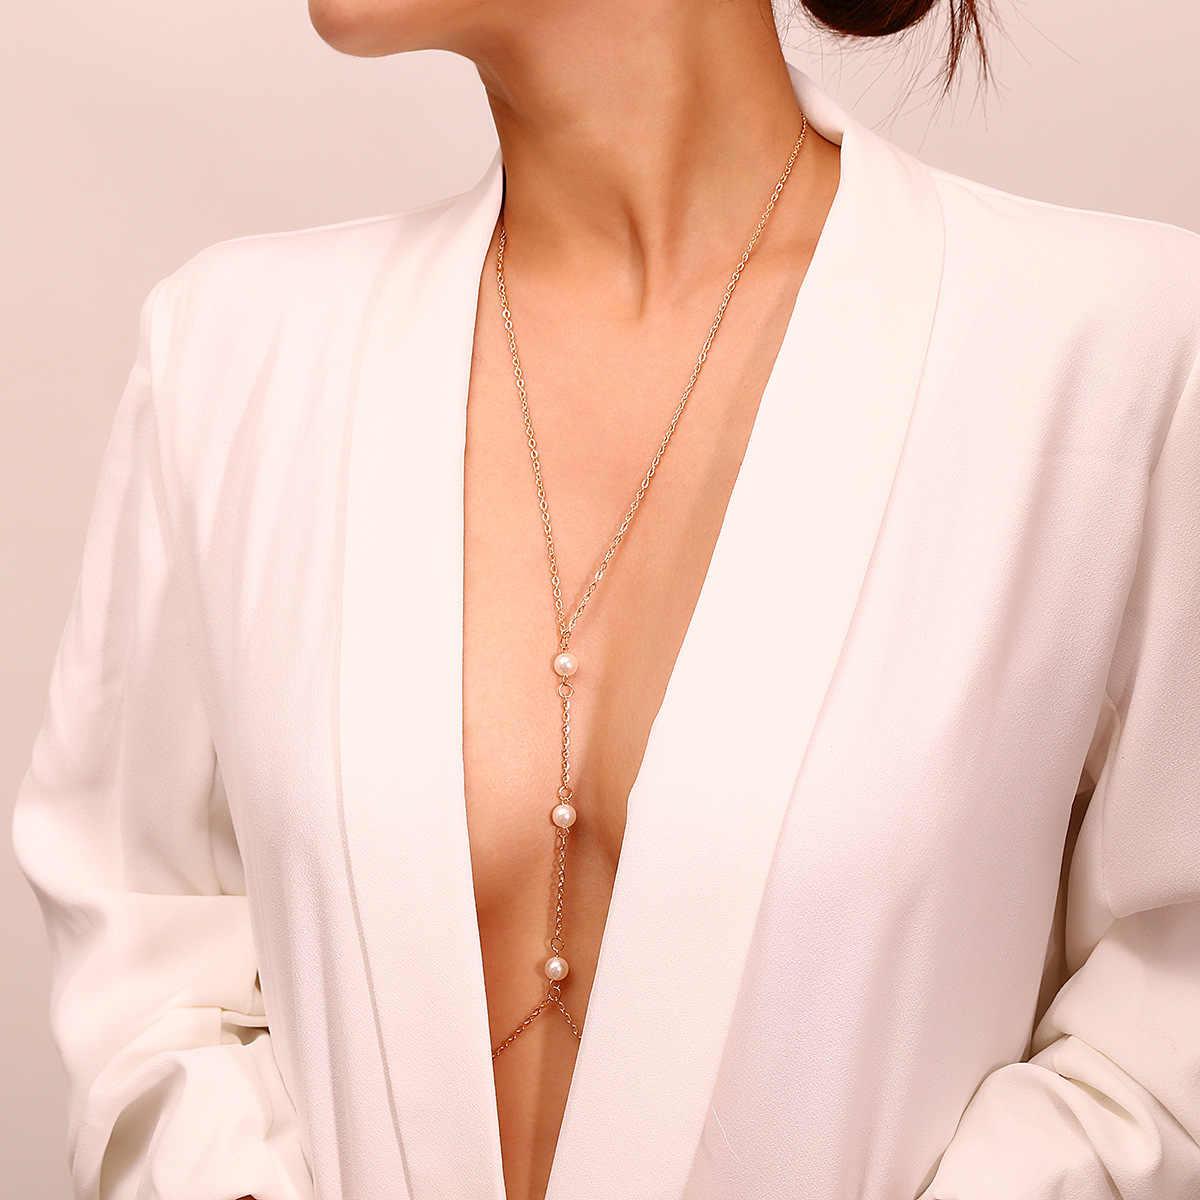 Seksi sütyen kolye Retro zincirler kadınlar için moda Bikini vücut zincirleri yaz plaj partisi takı parlak Rhinestone vücut zincirleri